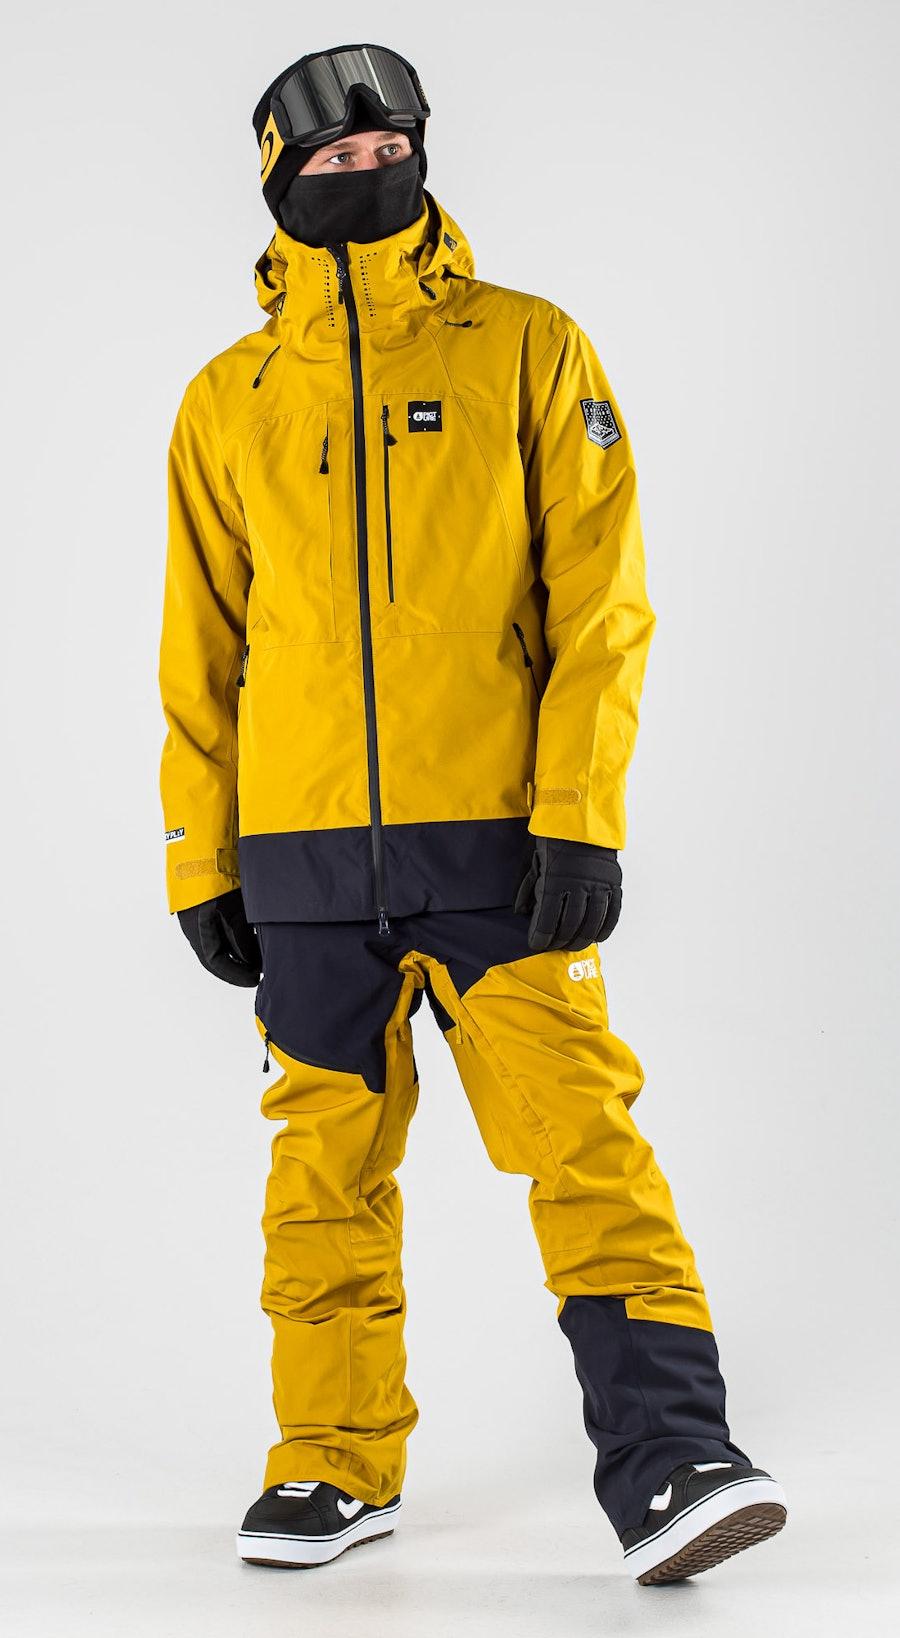 Picture Track Safran Vêtements de Snowboard  Multi